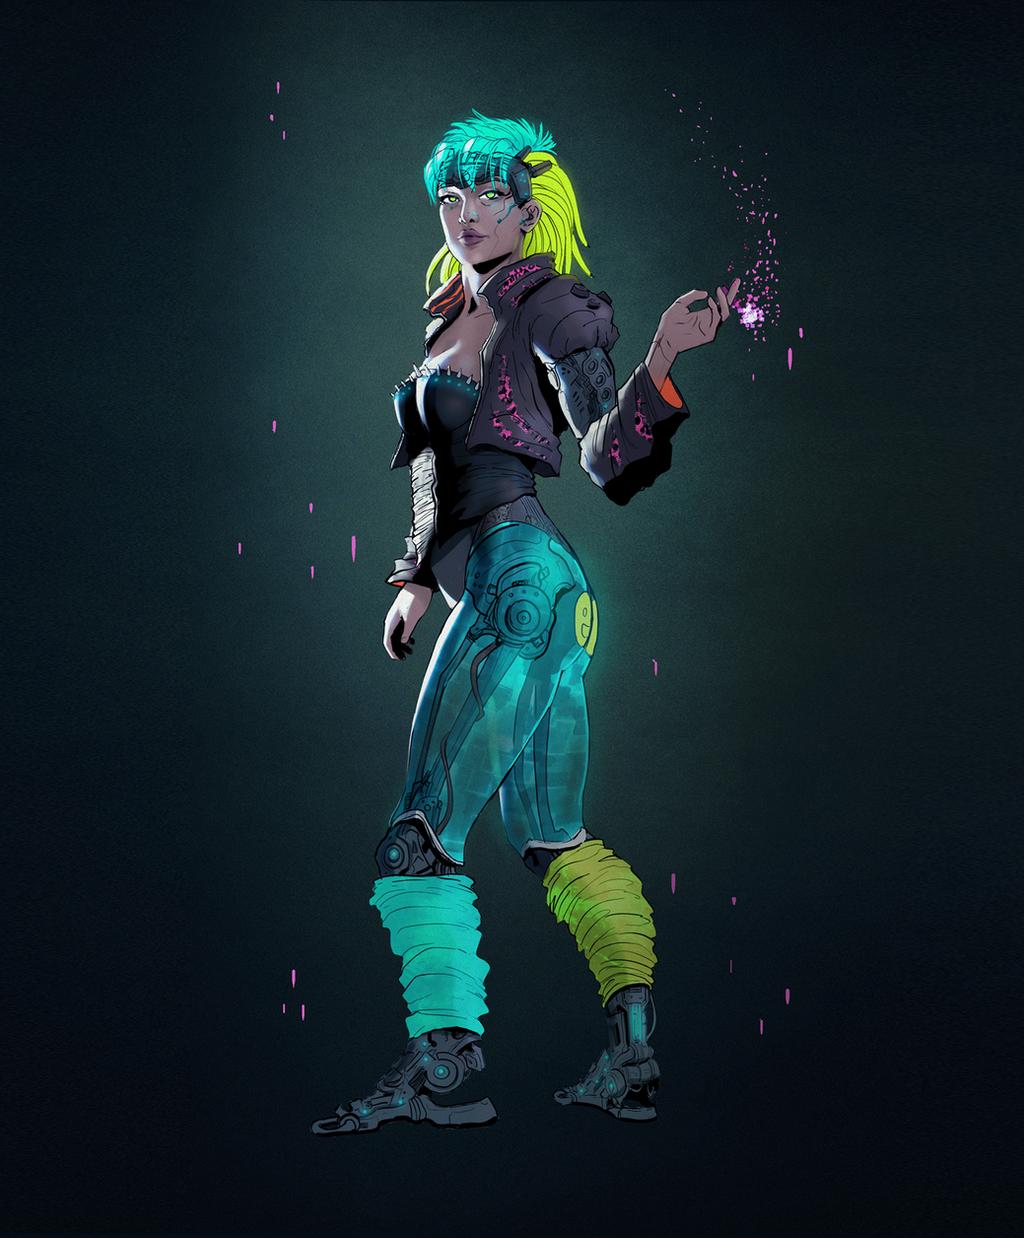 Cyberpunk by Skyrawathi